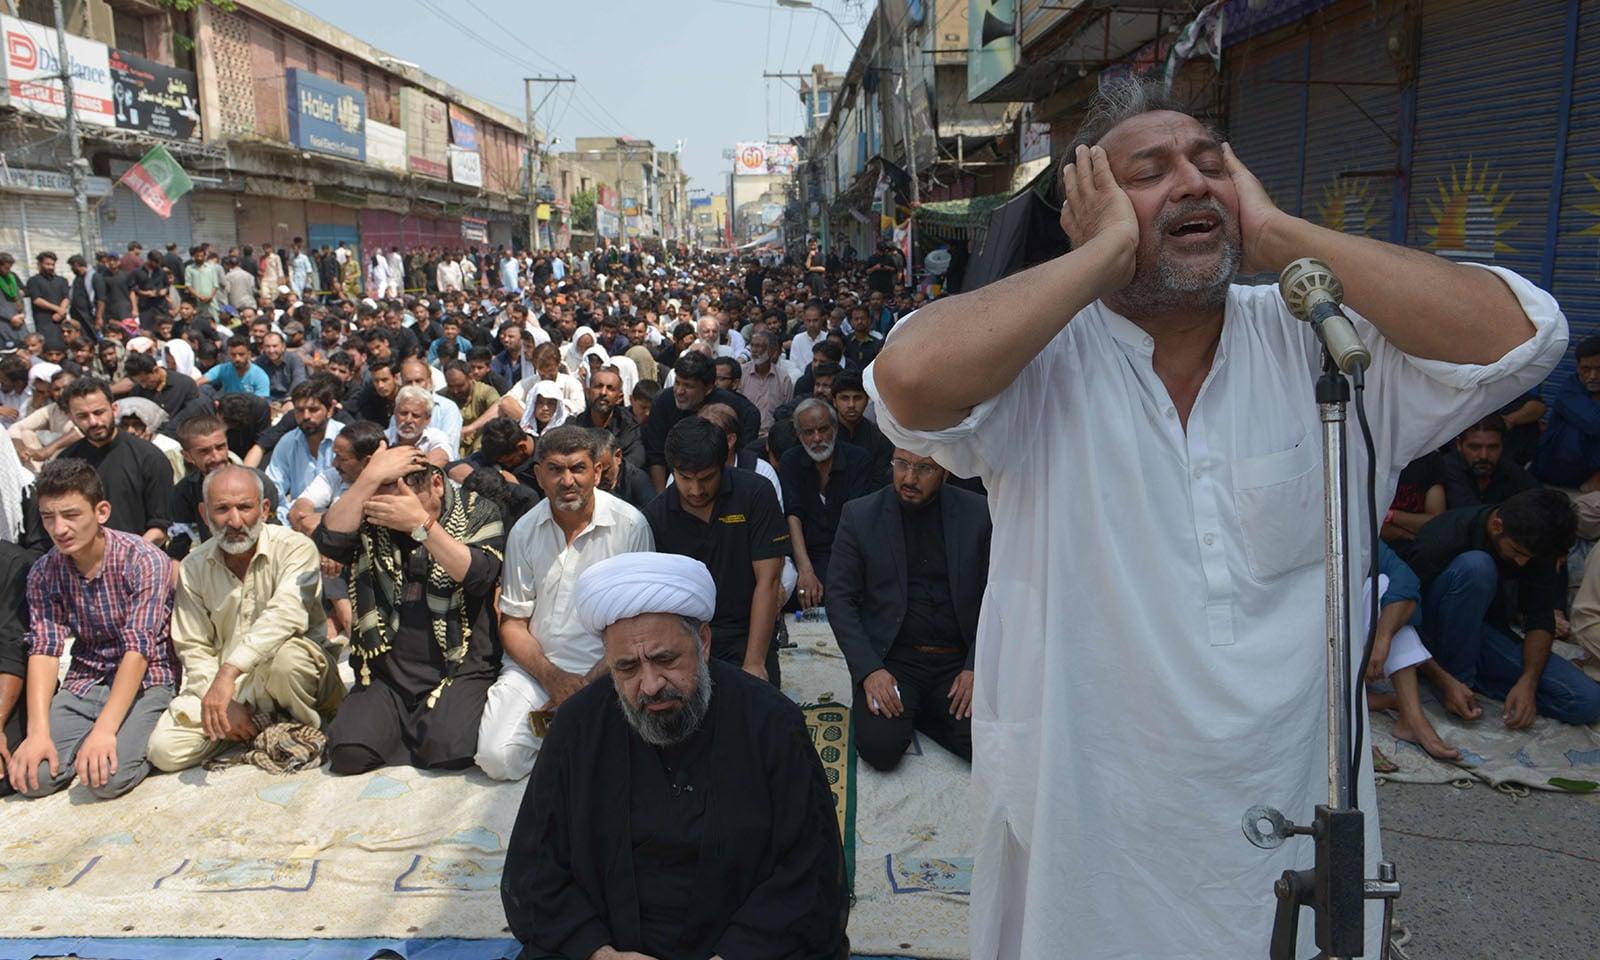 راولپنڈی میں جلوس کے شرکاء نماز کیا ادائیگی کے لیے موجود ہیں—فوٹو: اے ایف پی